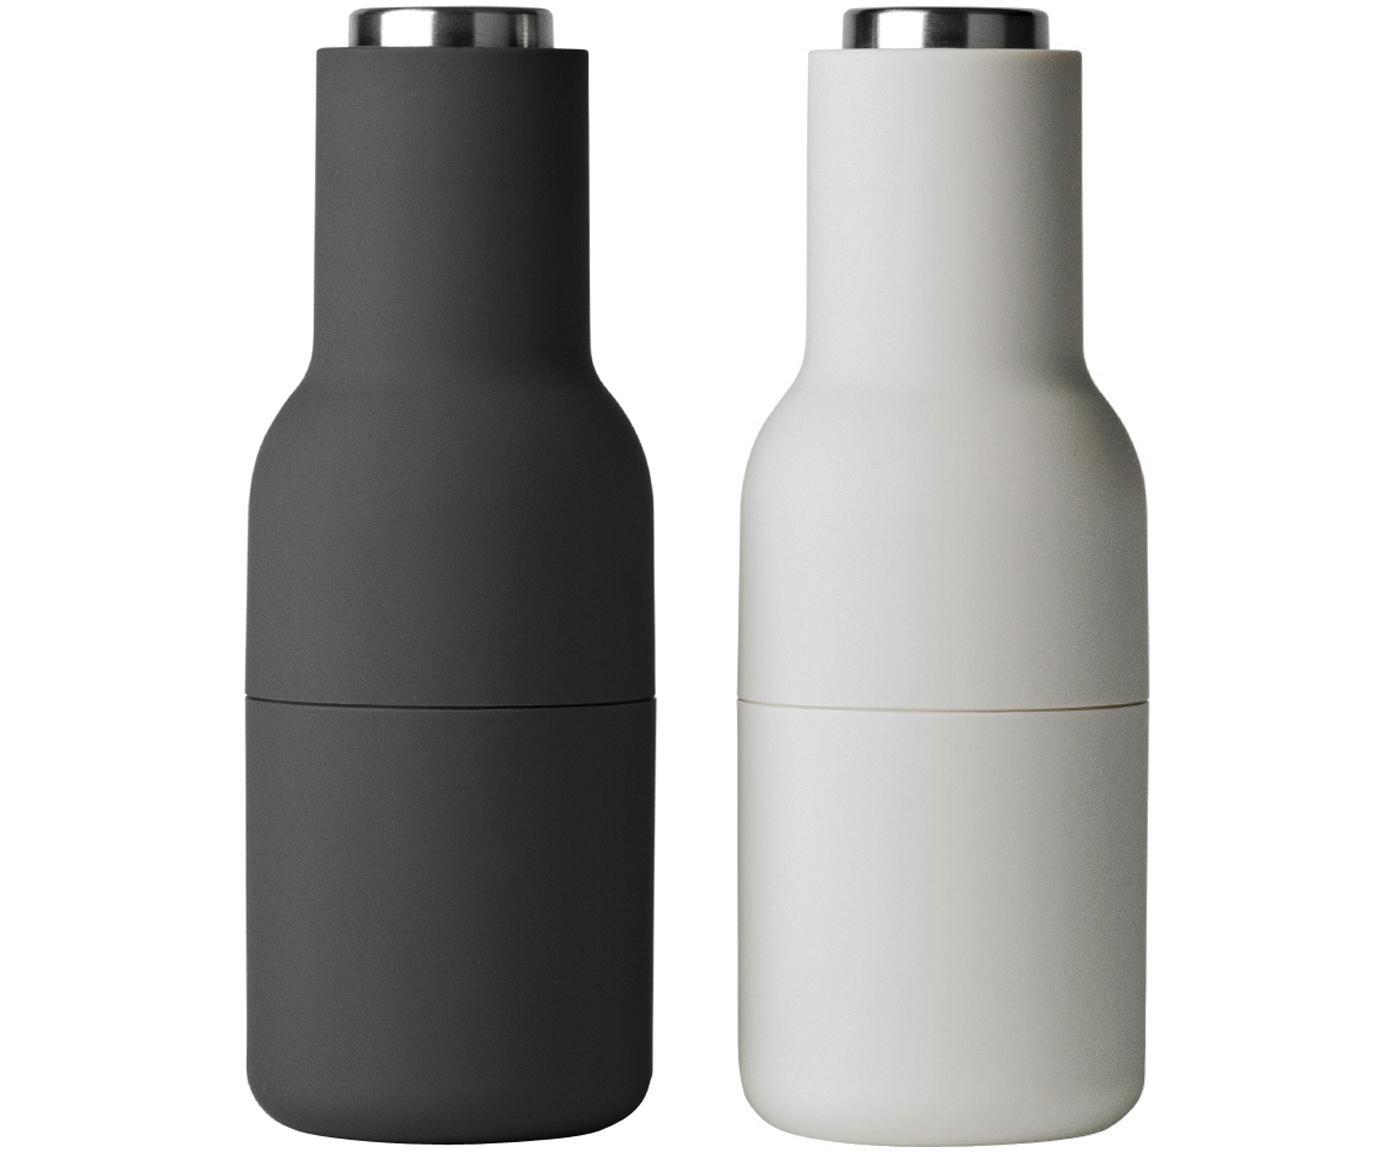 Molinillos Bottle Grinder, 2pzas., Cuerpo: plástico, Grinder: cerámica, Gris antracita, gris claro, Ø 8 x Al 21 cm